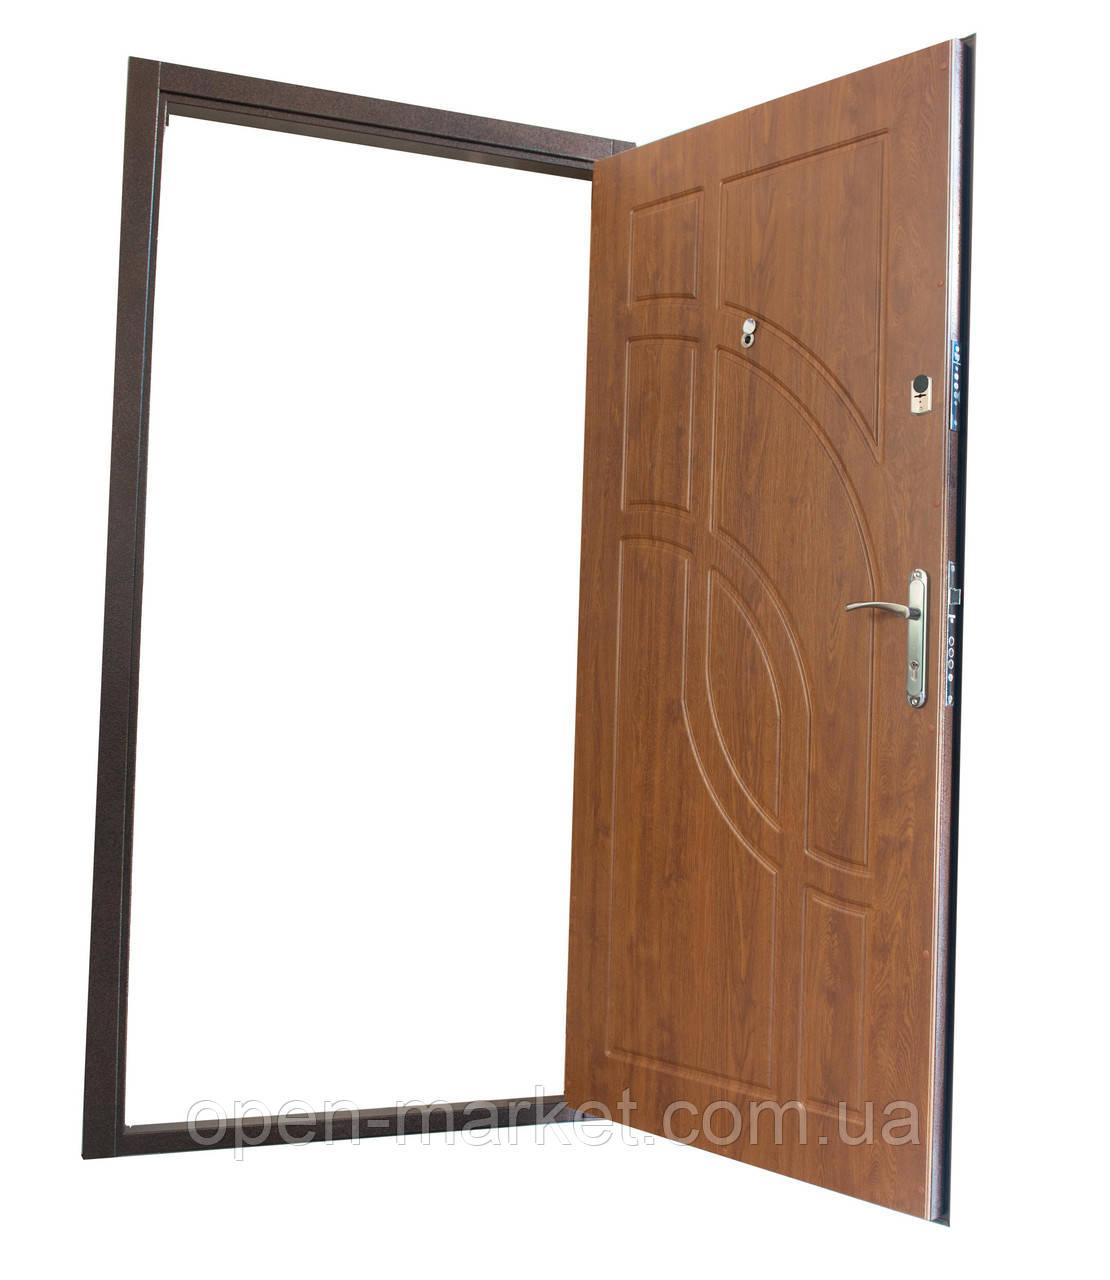 Двери уличные Новая Одесса